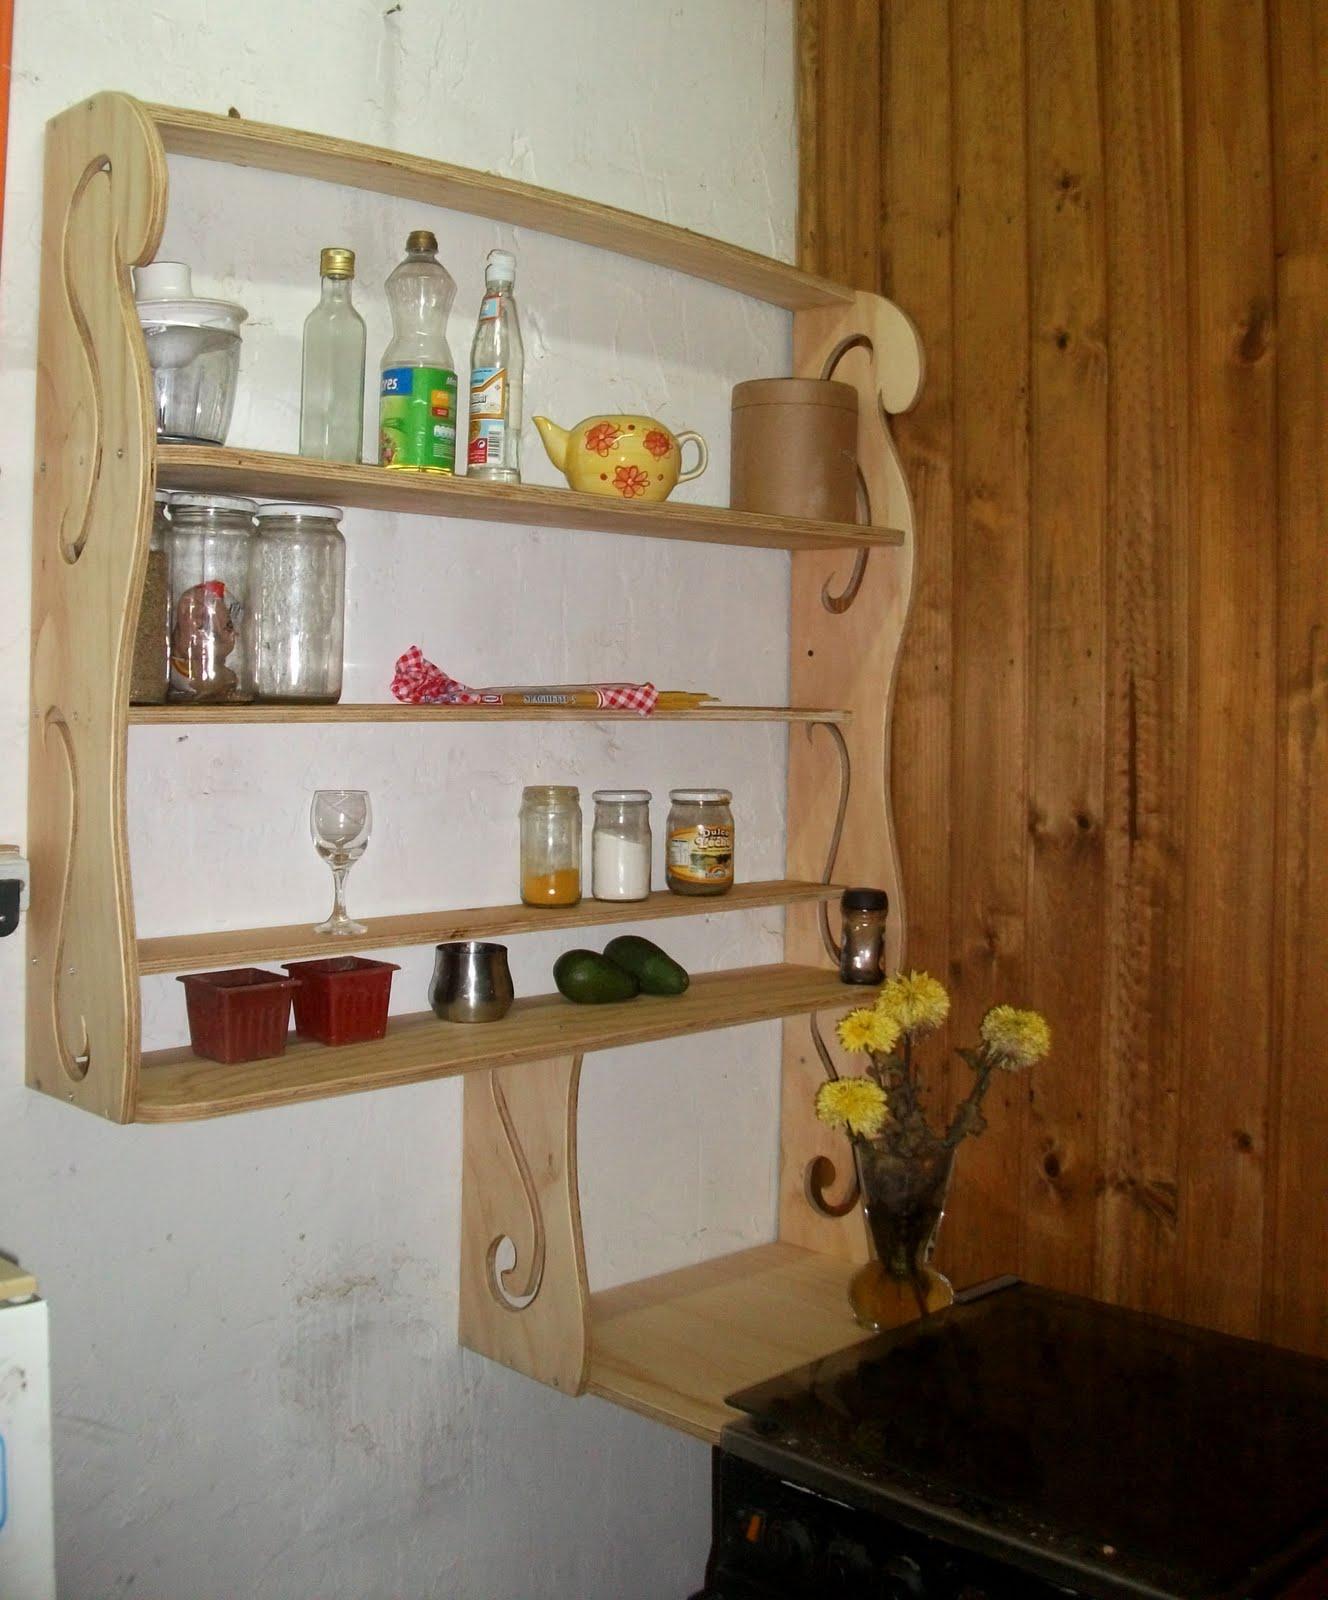 Juguetes y muebles de madera de palo - Muebles de juguete en madera ...